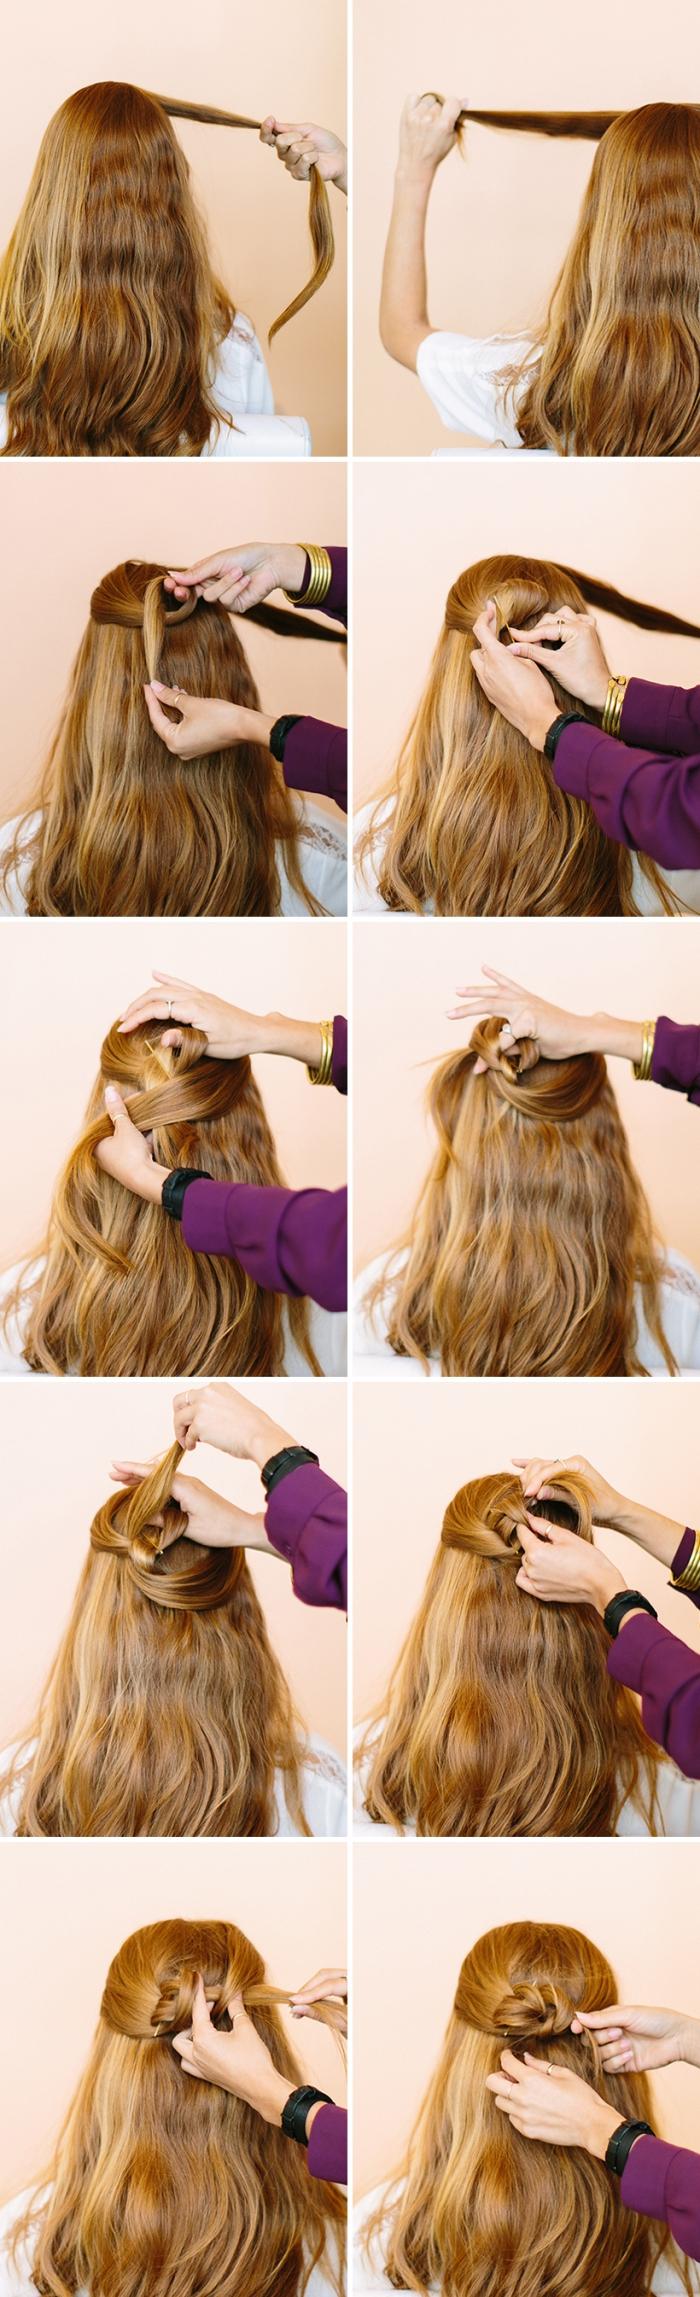 keltrischer knoten binden anleitung, halboffene frisuren lange haare, frisurenideen